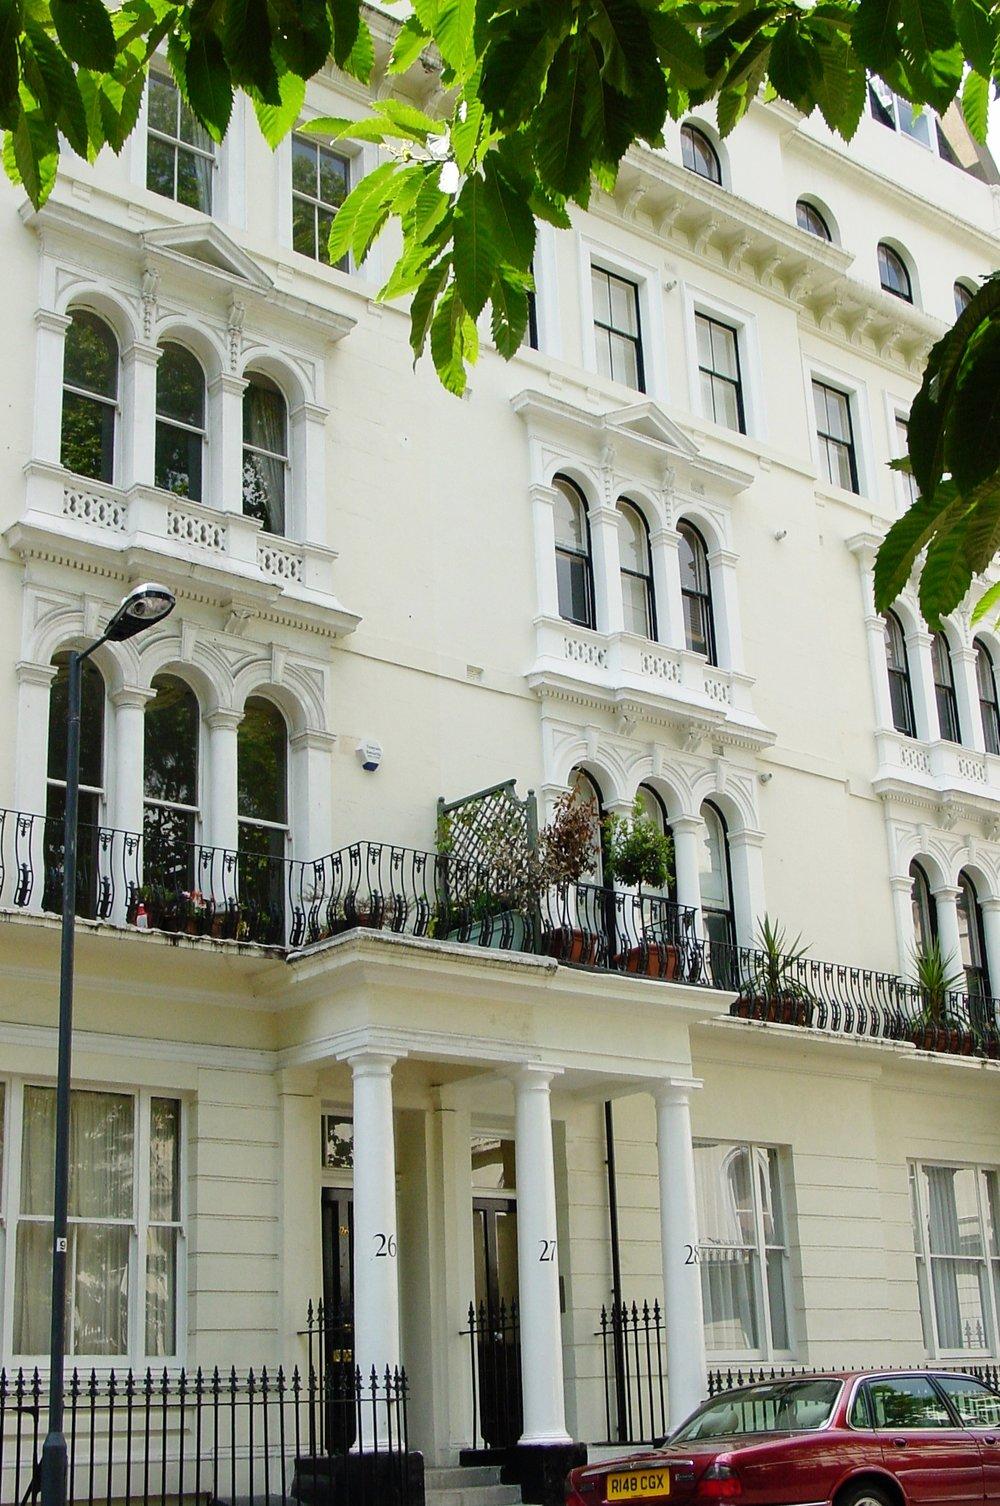 Kensington Gardens Square, Bayswater